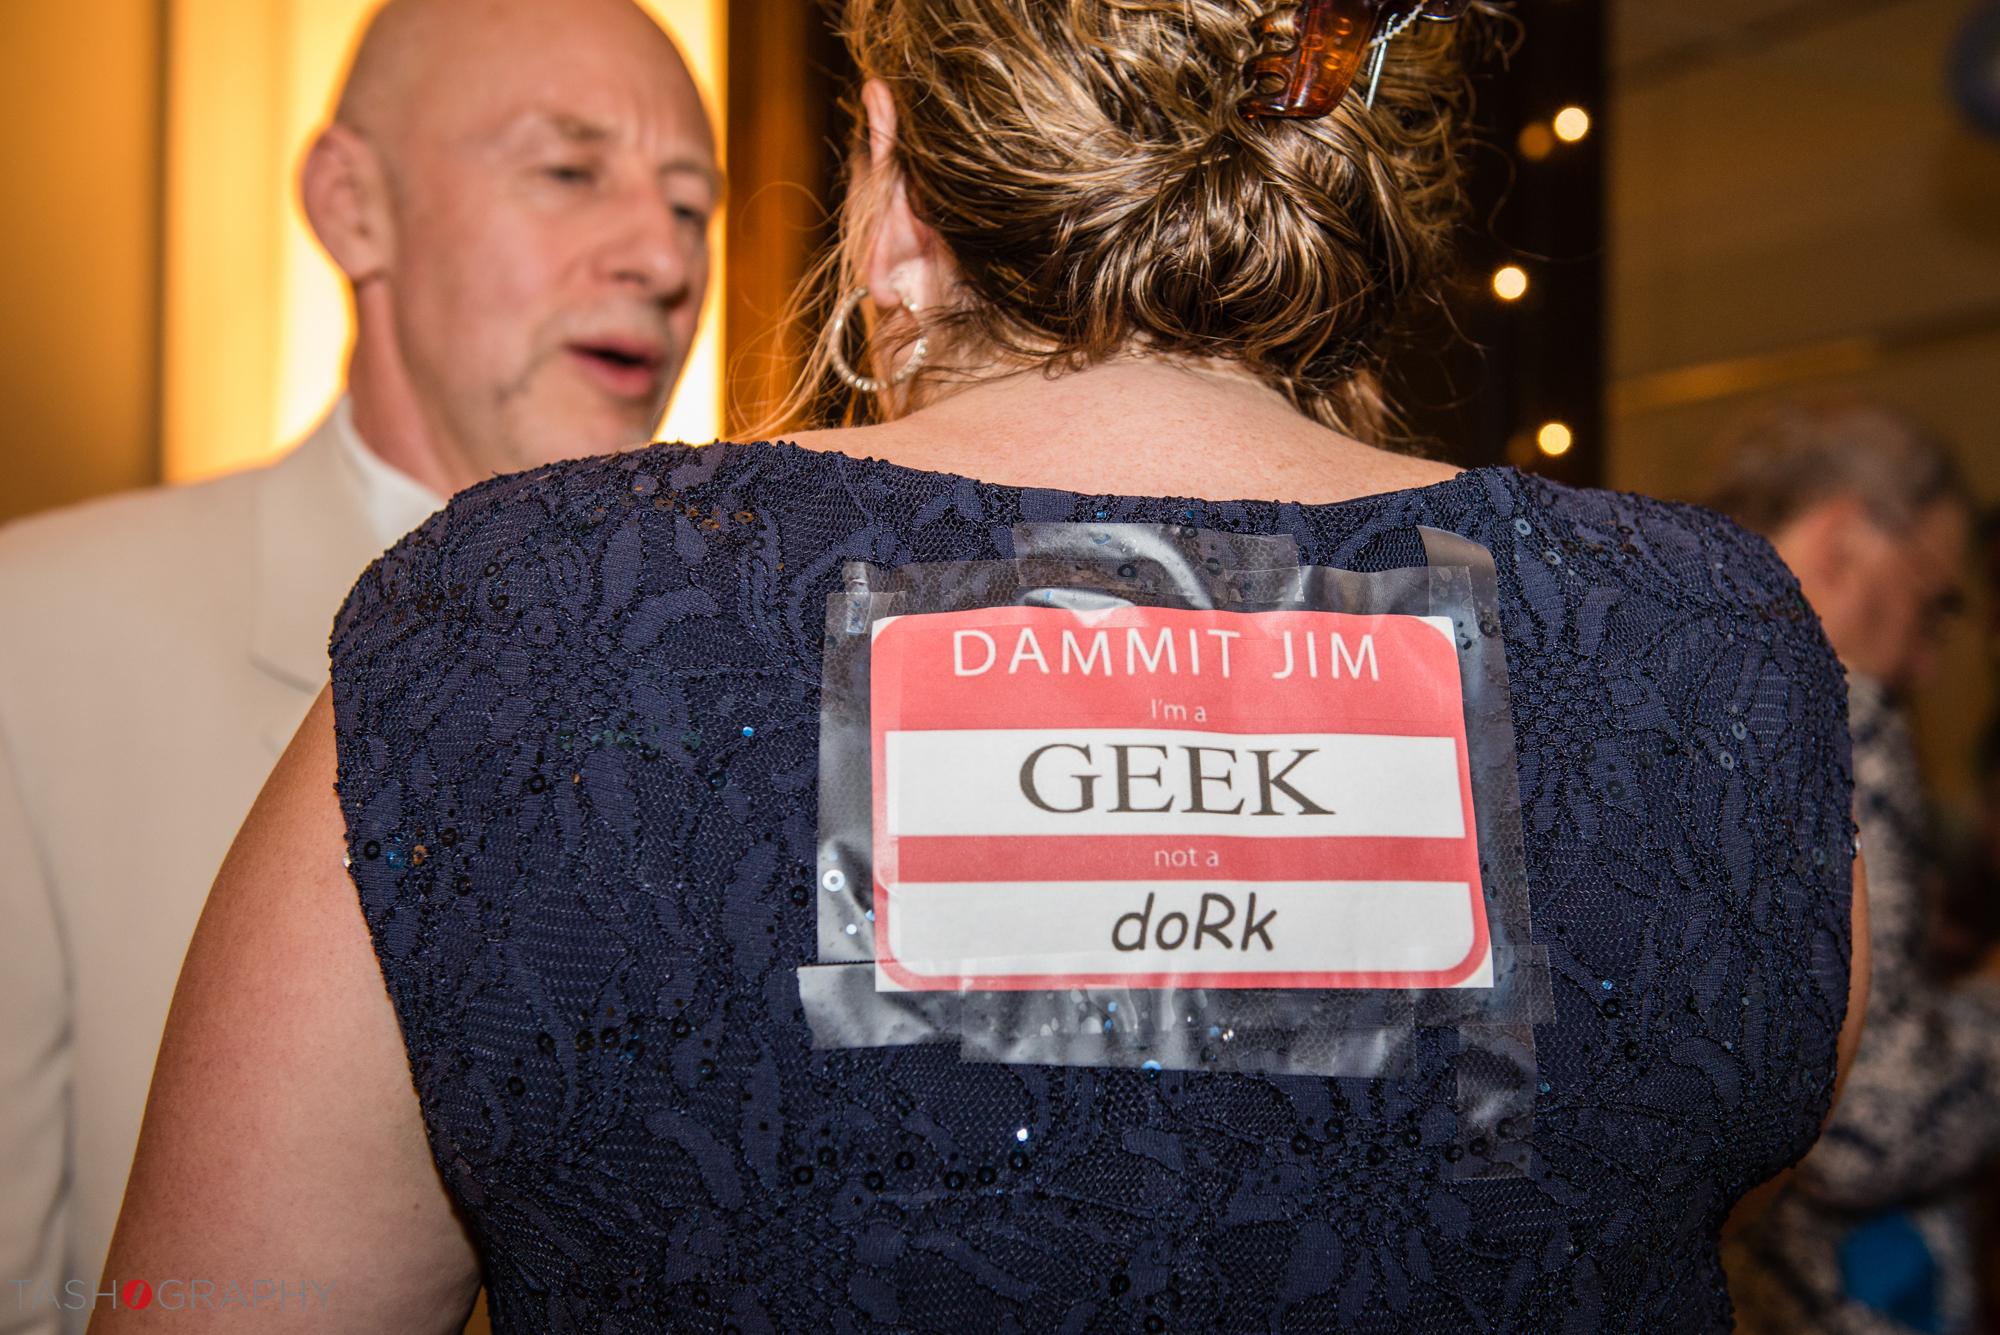 Geeks-and-Nerds-Web-46.jpg